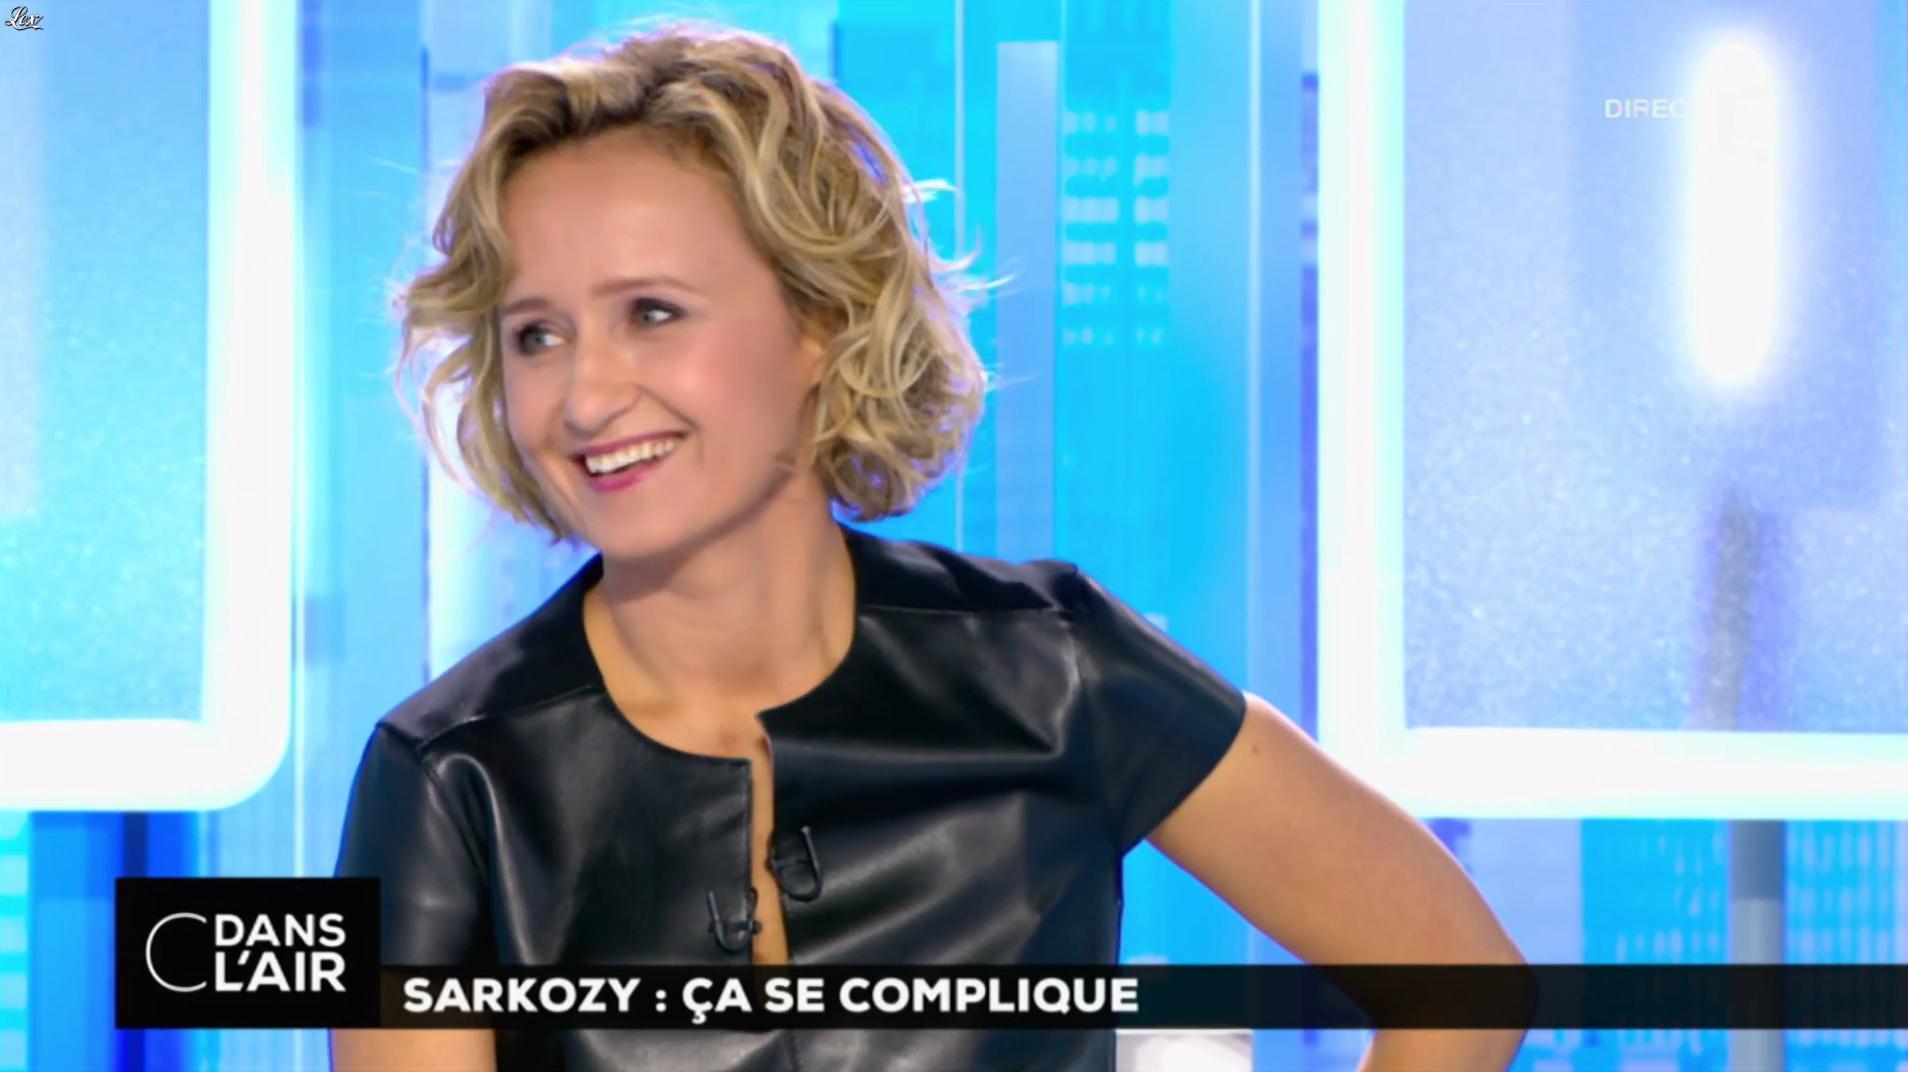 Caroline roux dans c dans l air 10 10 16 09 - Presentatrice c dans l air ...